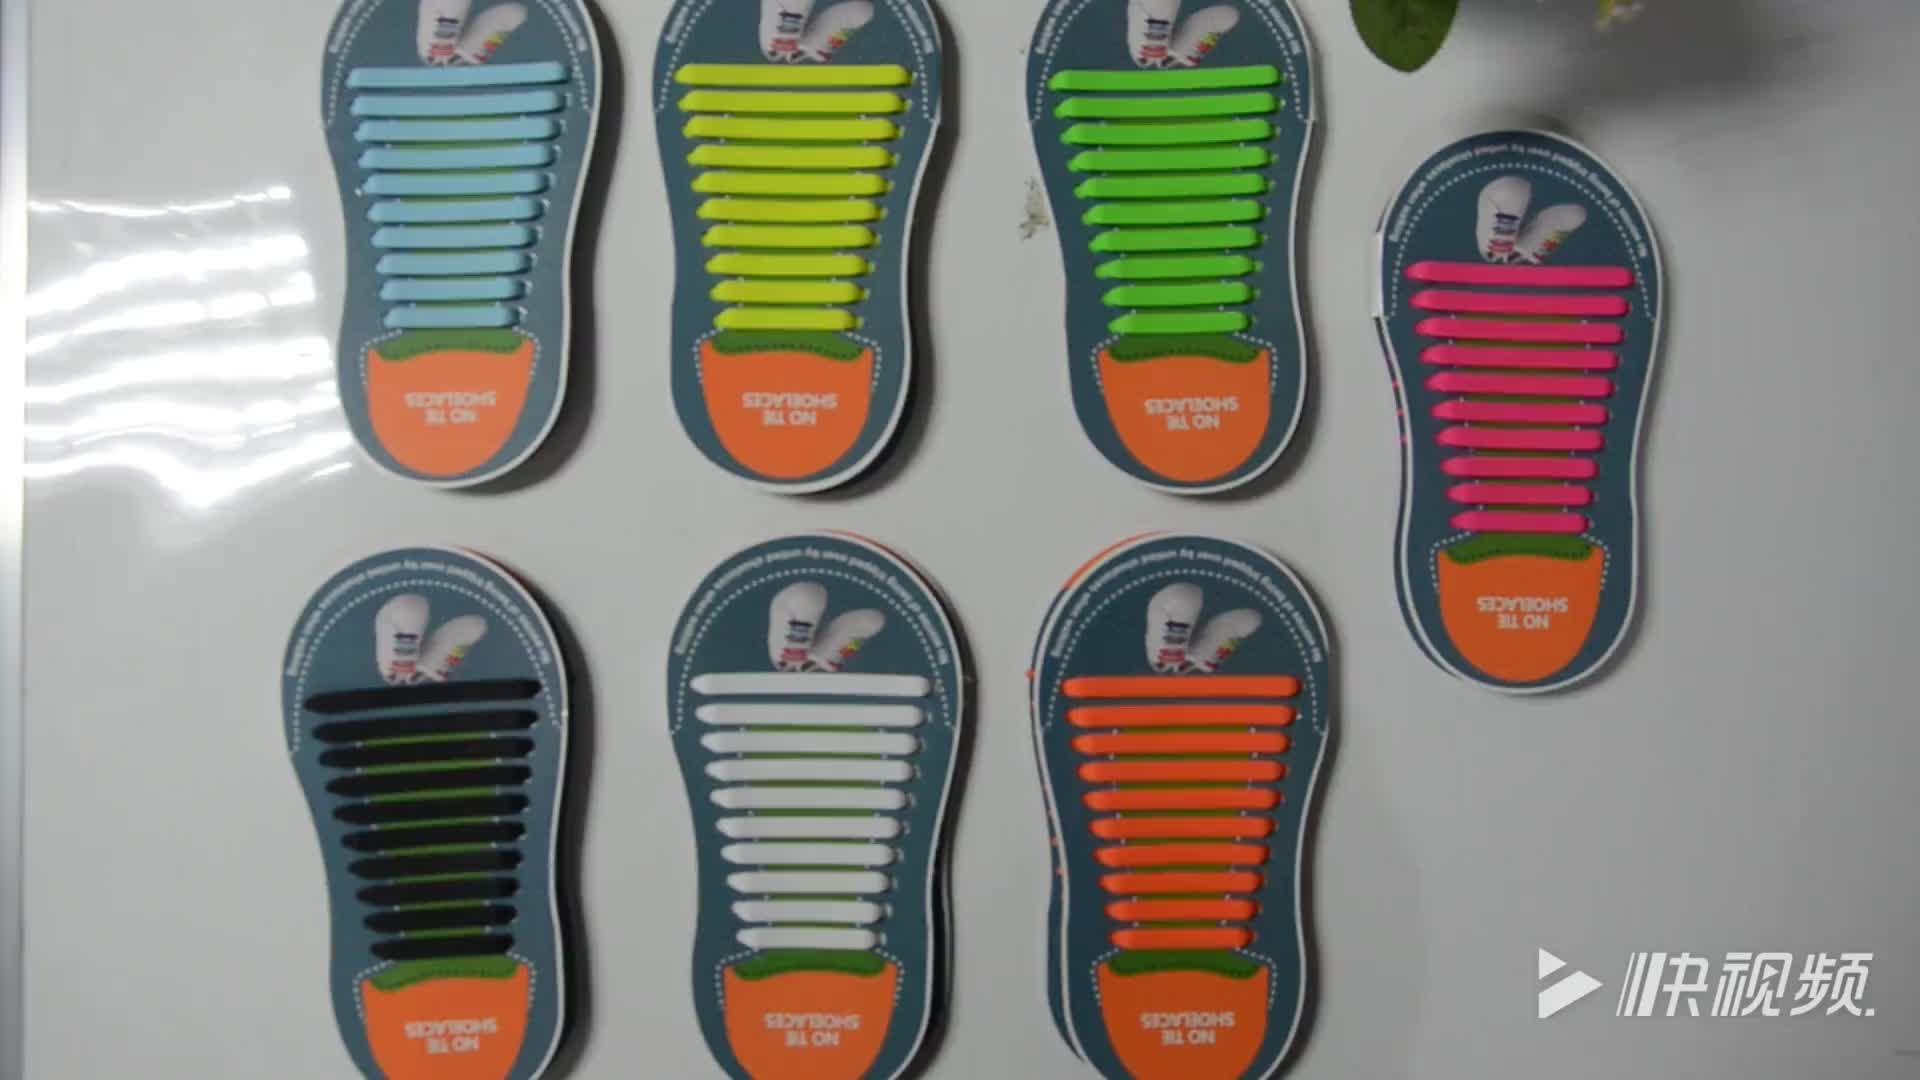 Promosi hadiah mode sport tanpa dasi tali sepatu silikon tali sepatu disesuaikan mudah